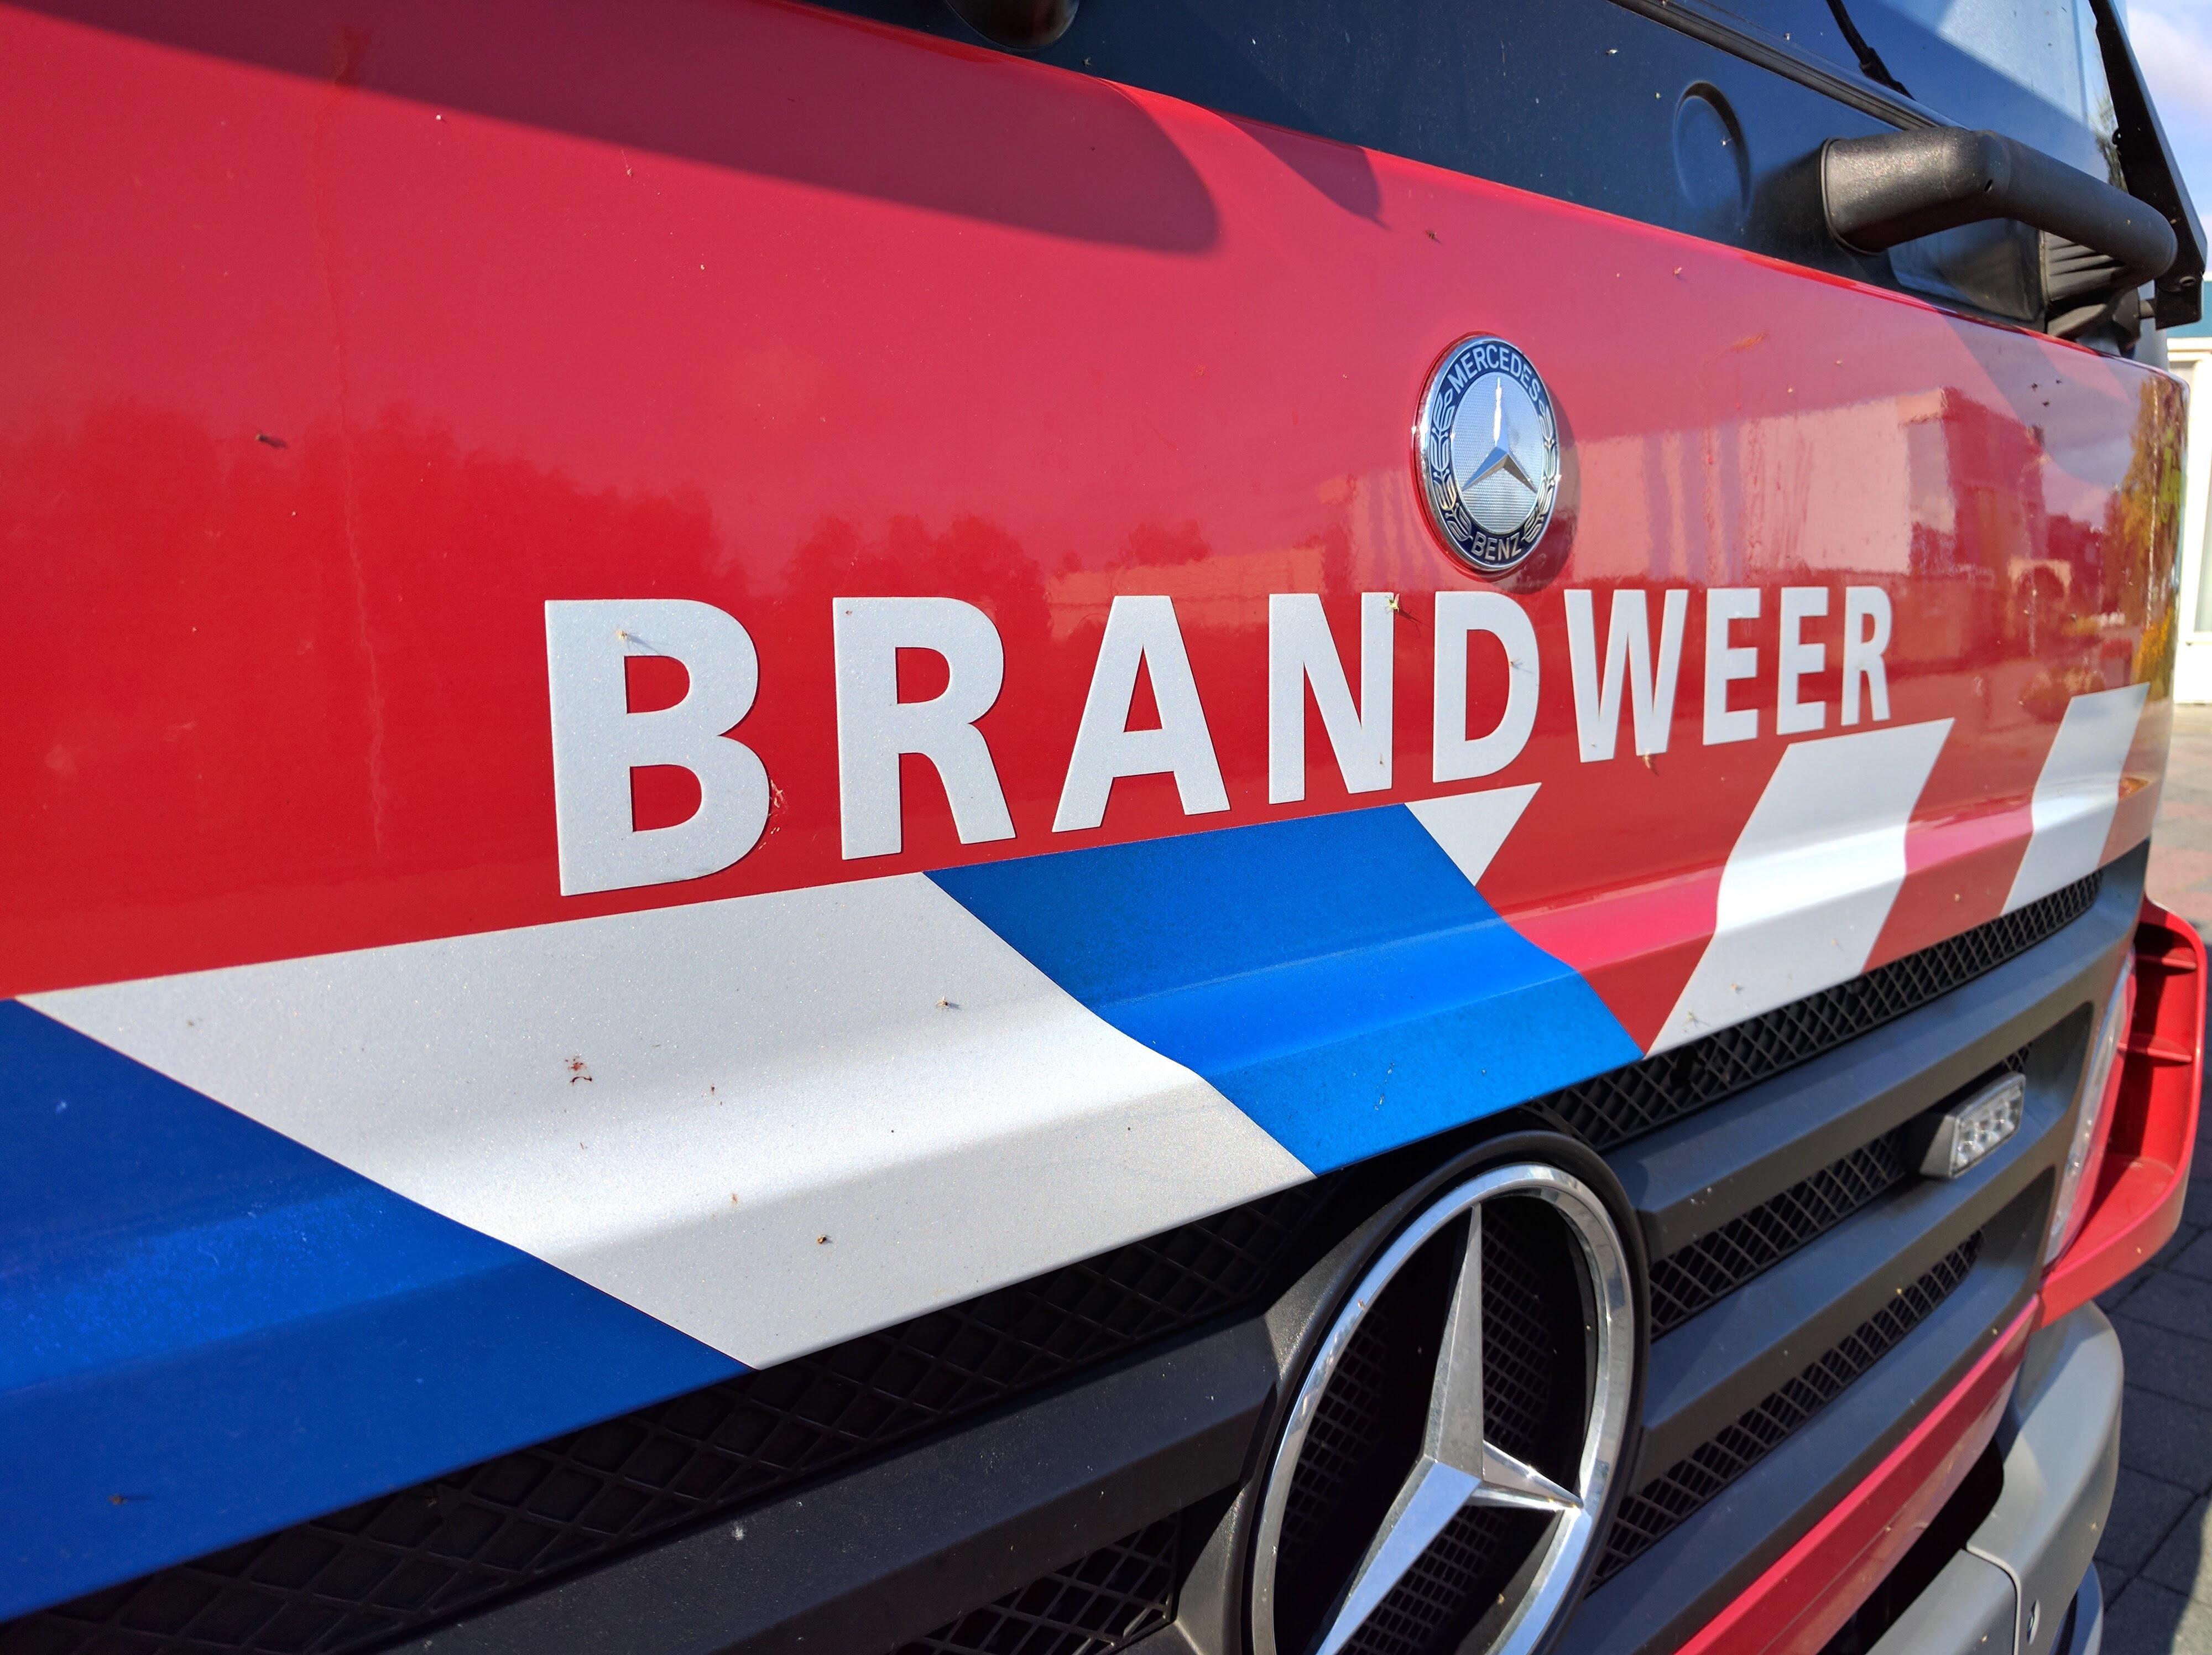 Woningbrand in Beverwijk vermoedelijk door vuurwerk, politie onderzoekt brandstichting